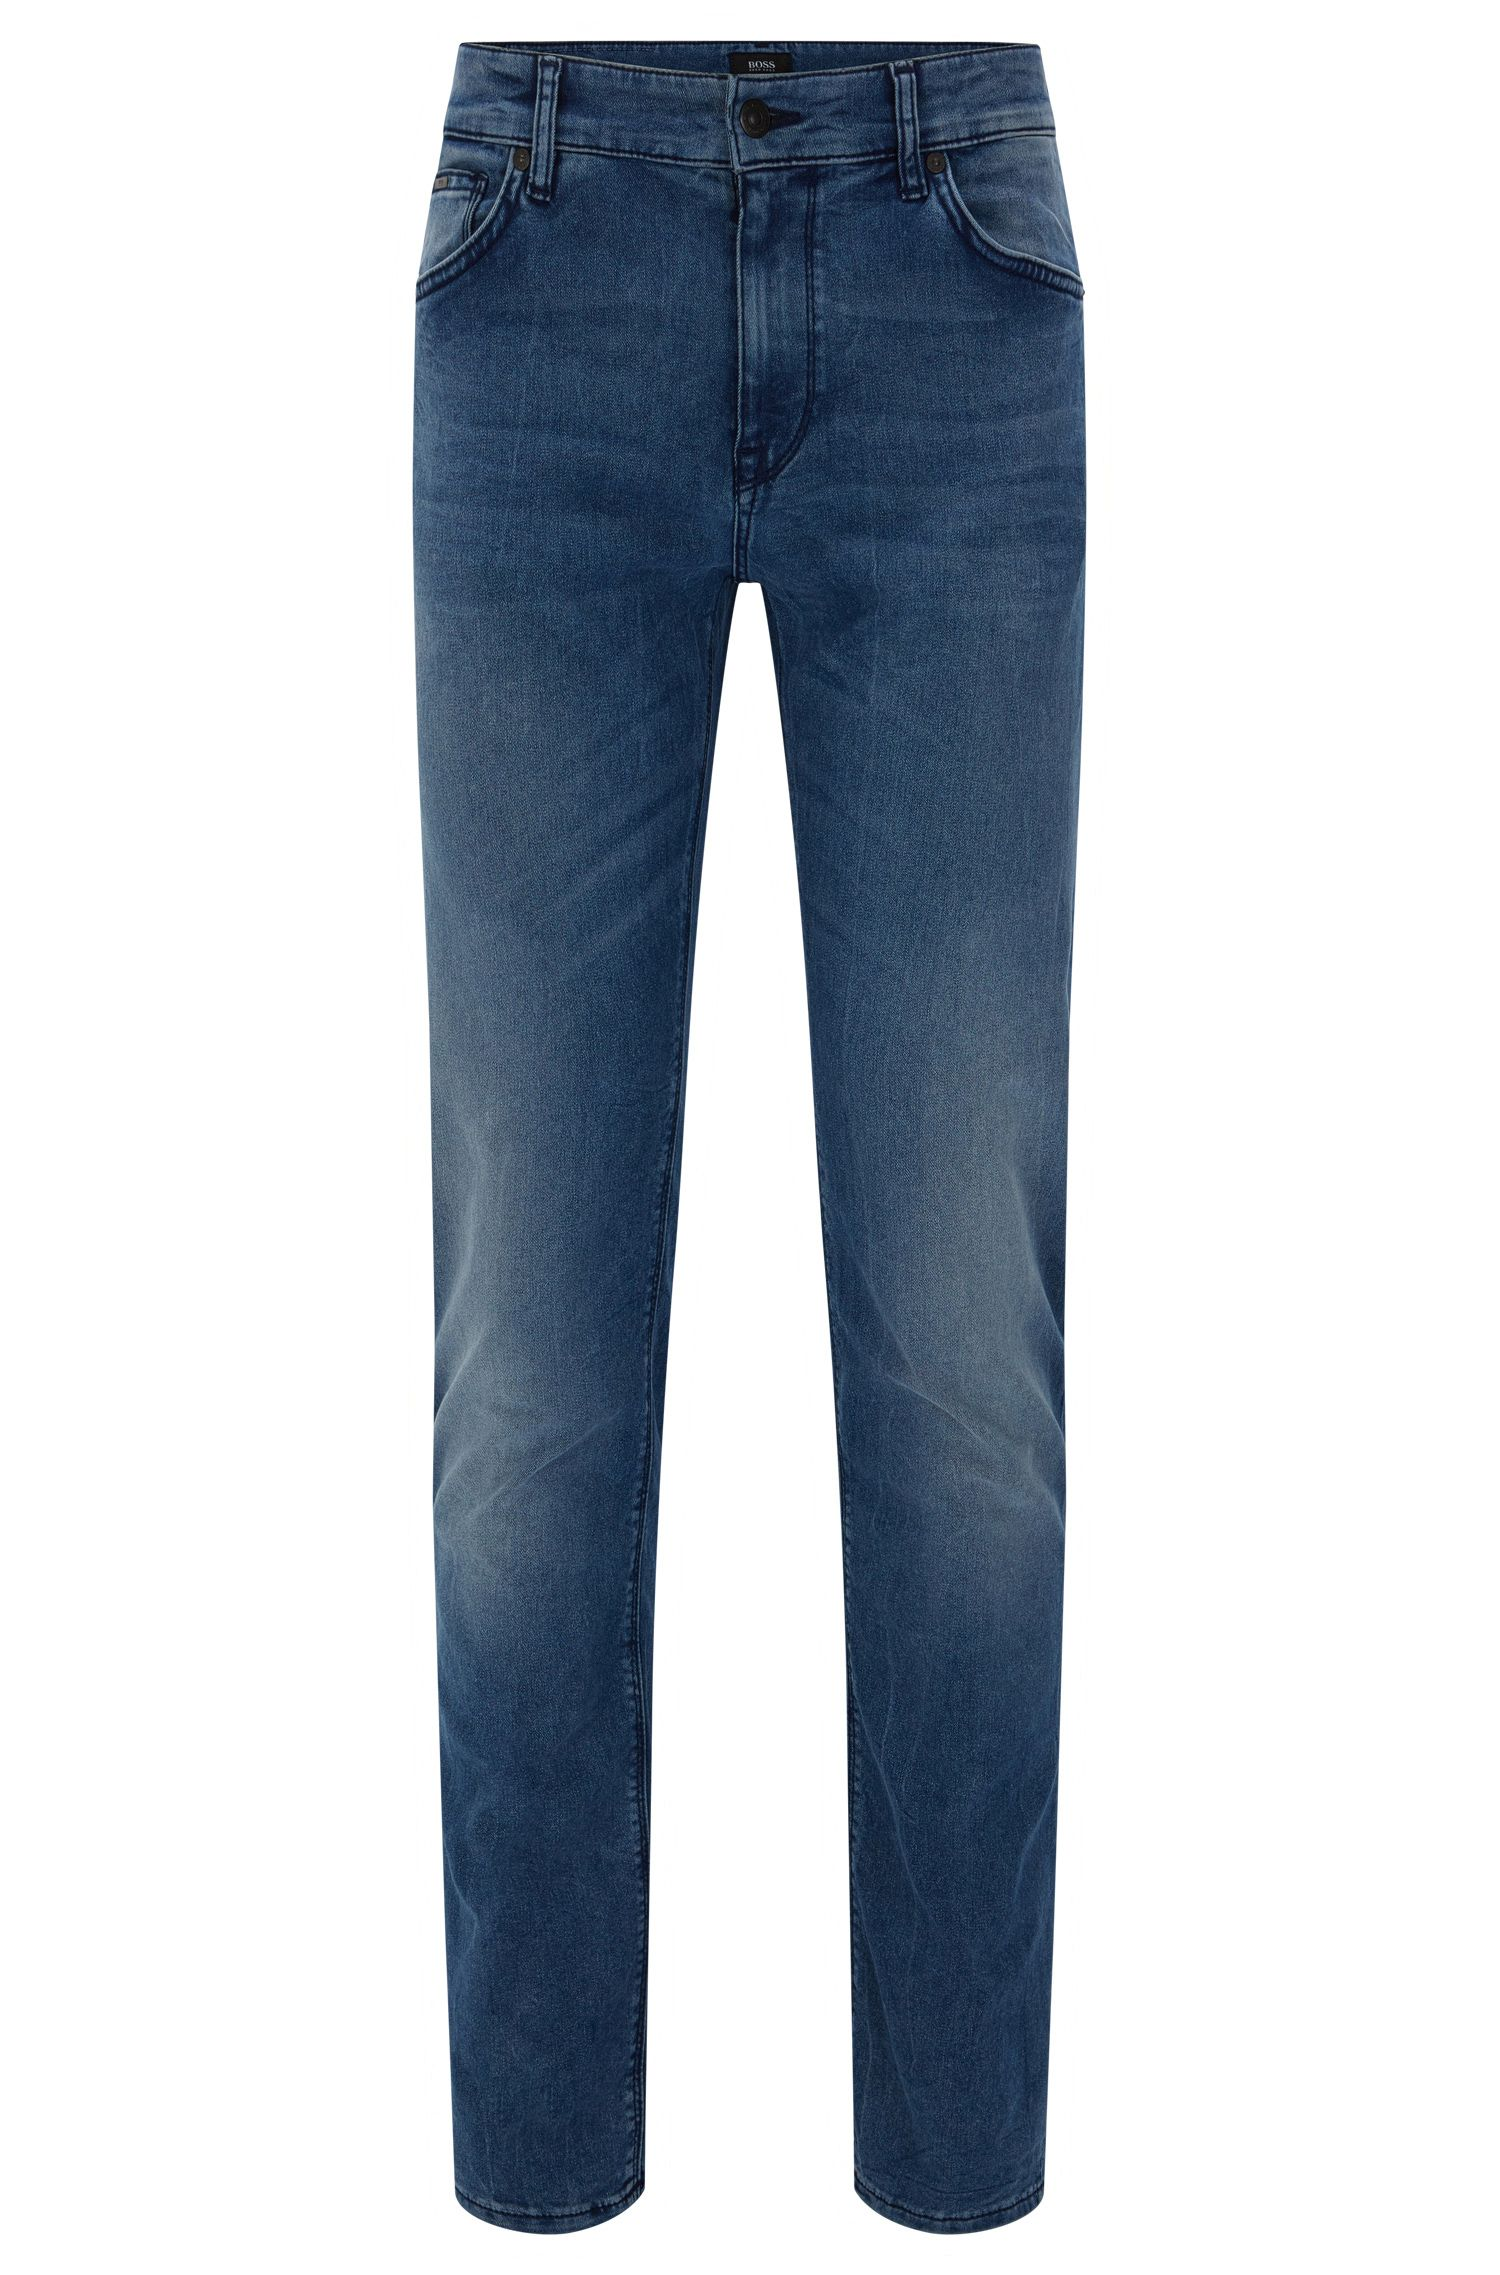 Regular-Fit Jeans aus Baumwoll-Mix mit Sitzfalten: 'Maine3'